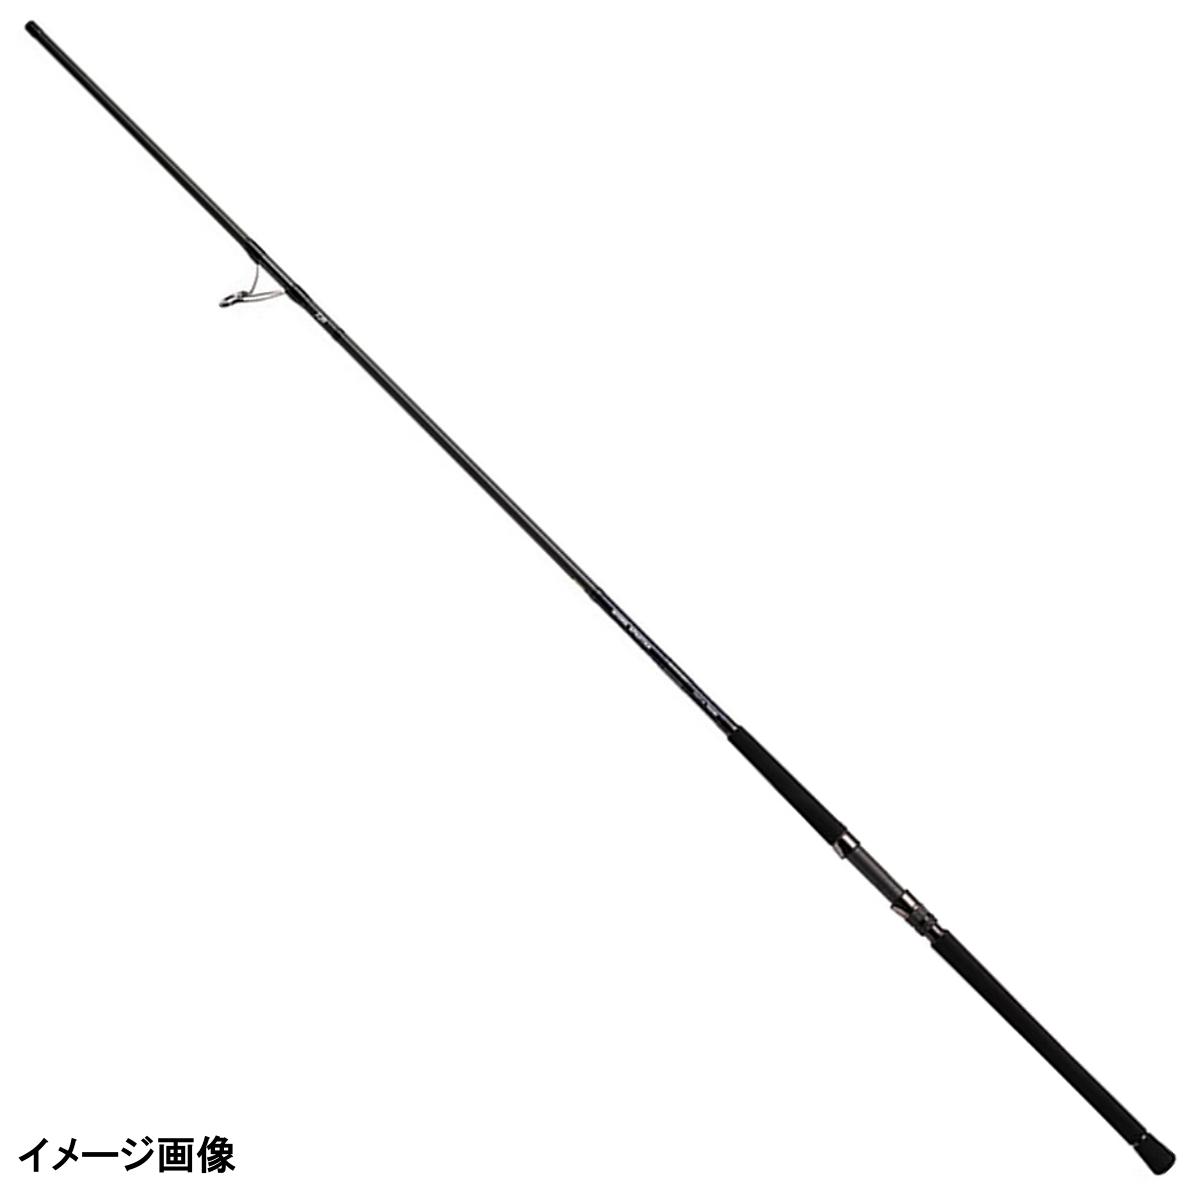 ダイワ ショアスパルタン コースタル 103HH【大型商品】